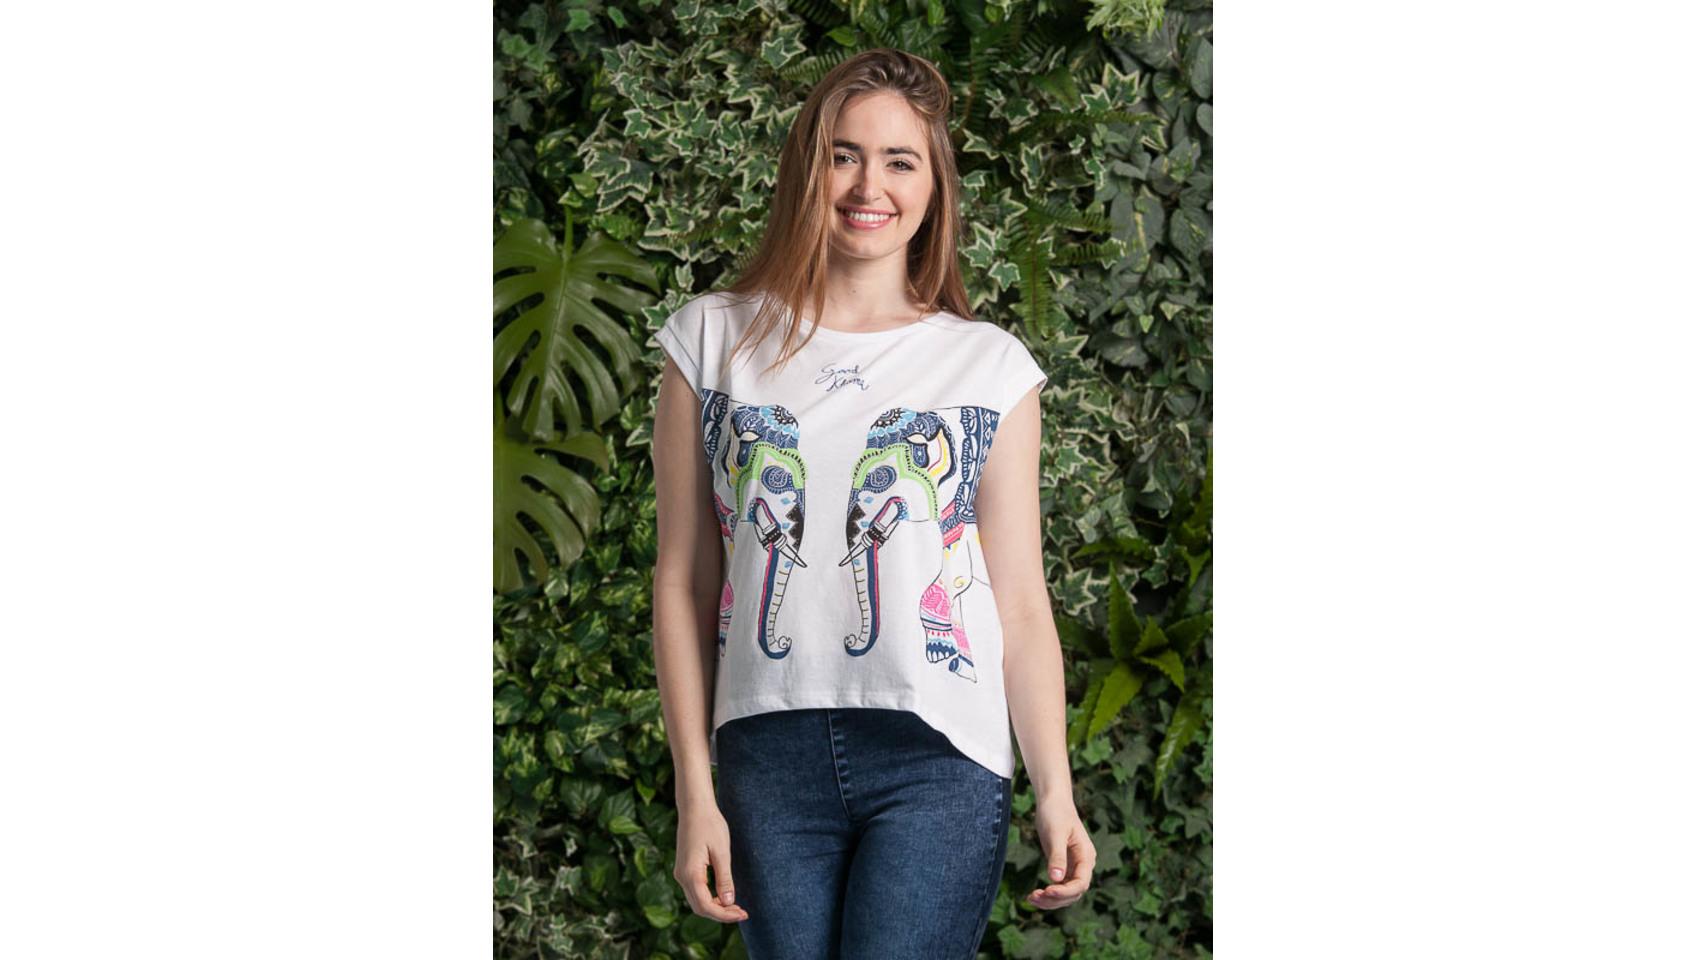 Camiseta Print elefantes de Inside (7,99 euros).